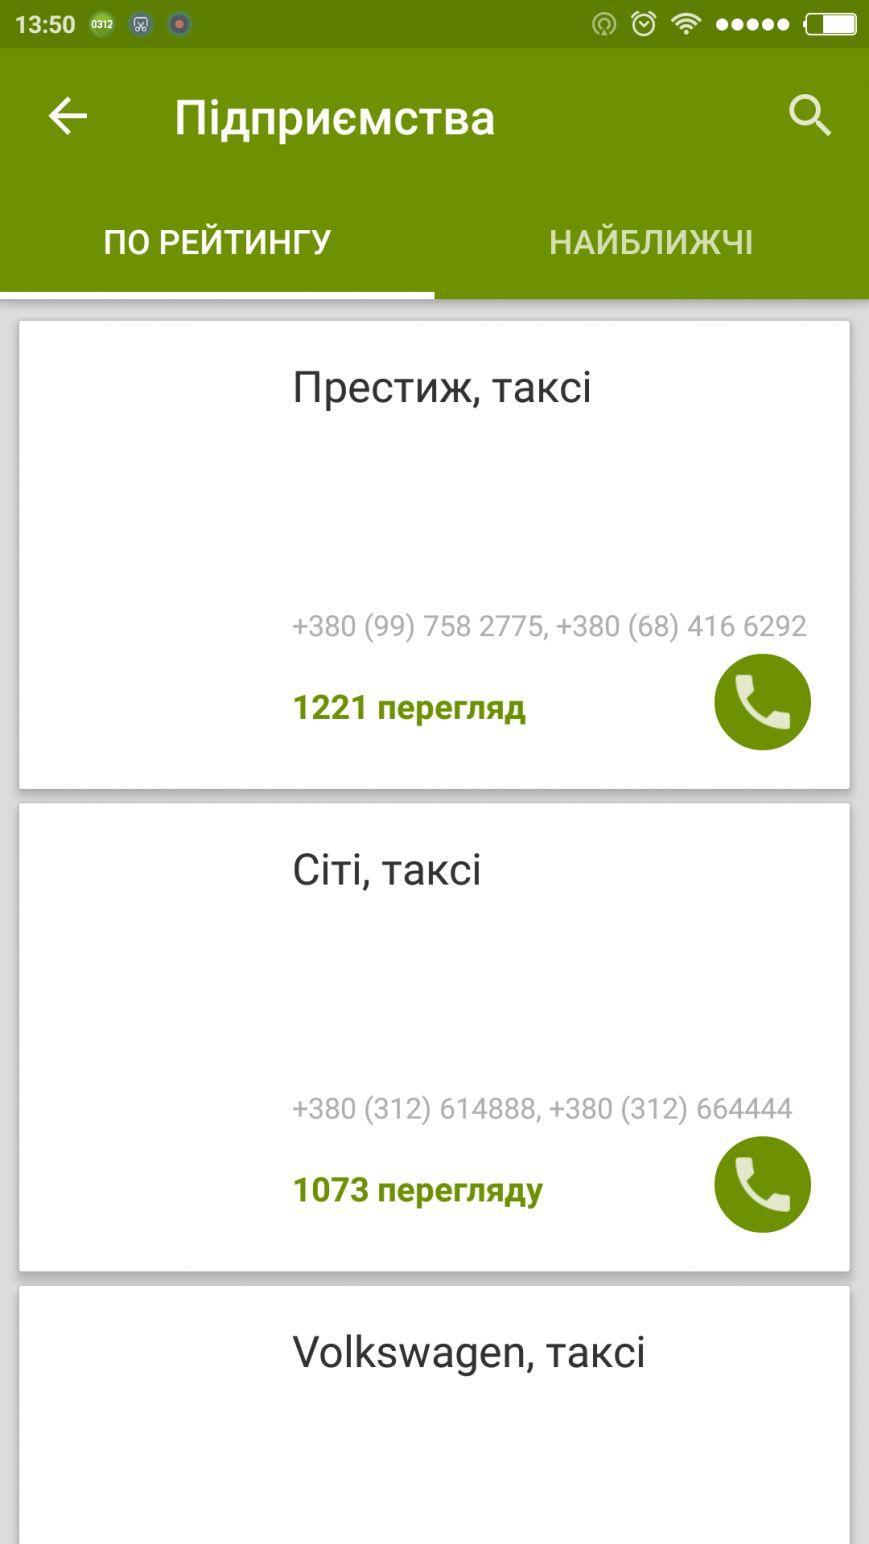 Screenshot_2017-01-23-13-50-07_ua.com.citysites.uzhgorod